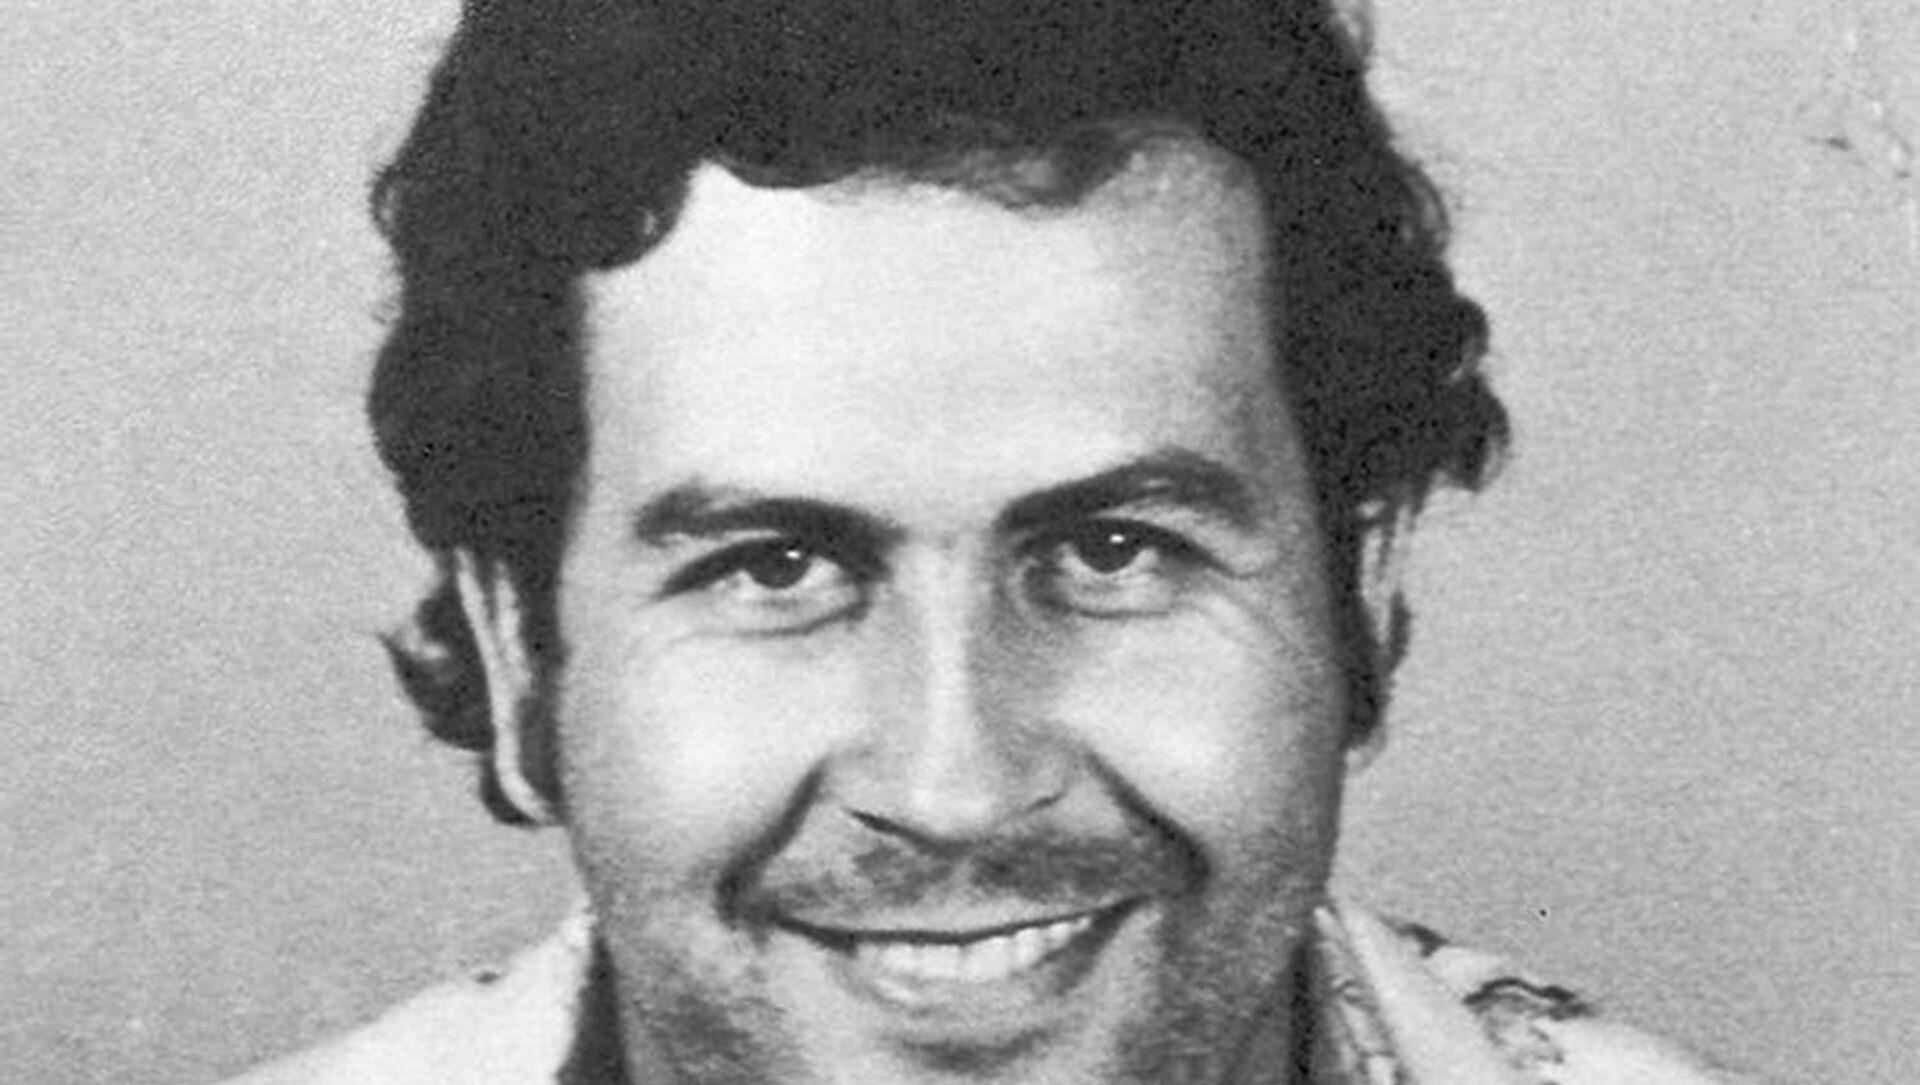 La foto de captura de Pablo Escobar en Colombia en 1977 - Sputnik Mundo, 1920, 27.11.2019